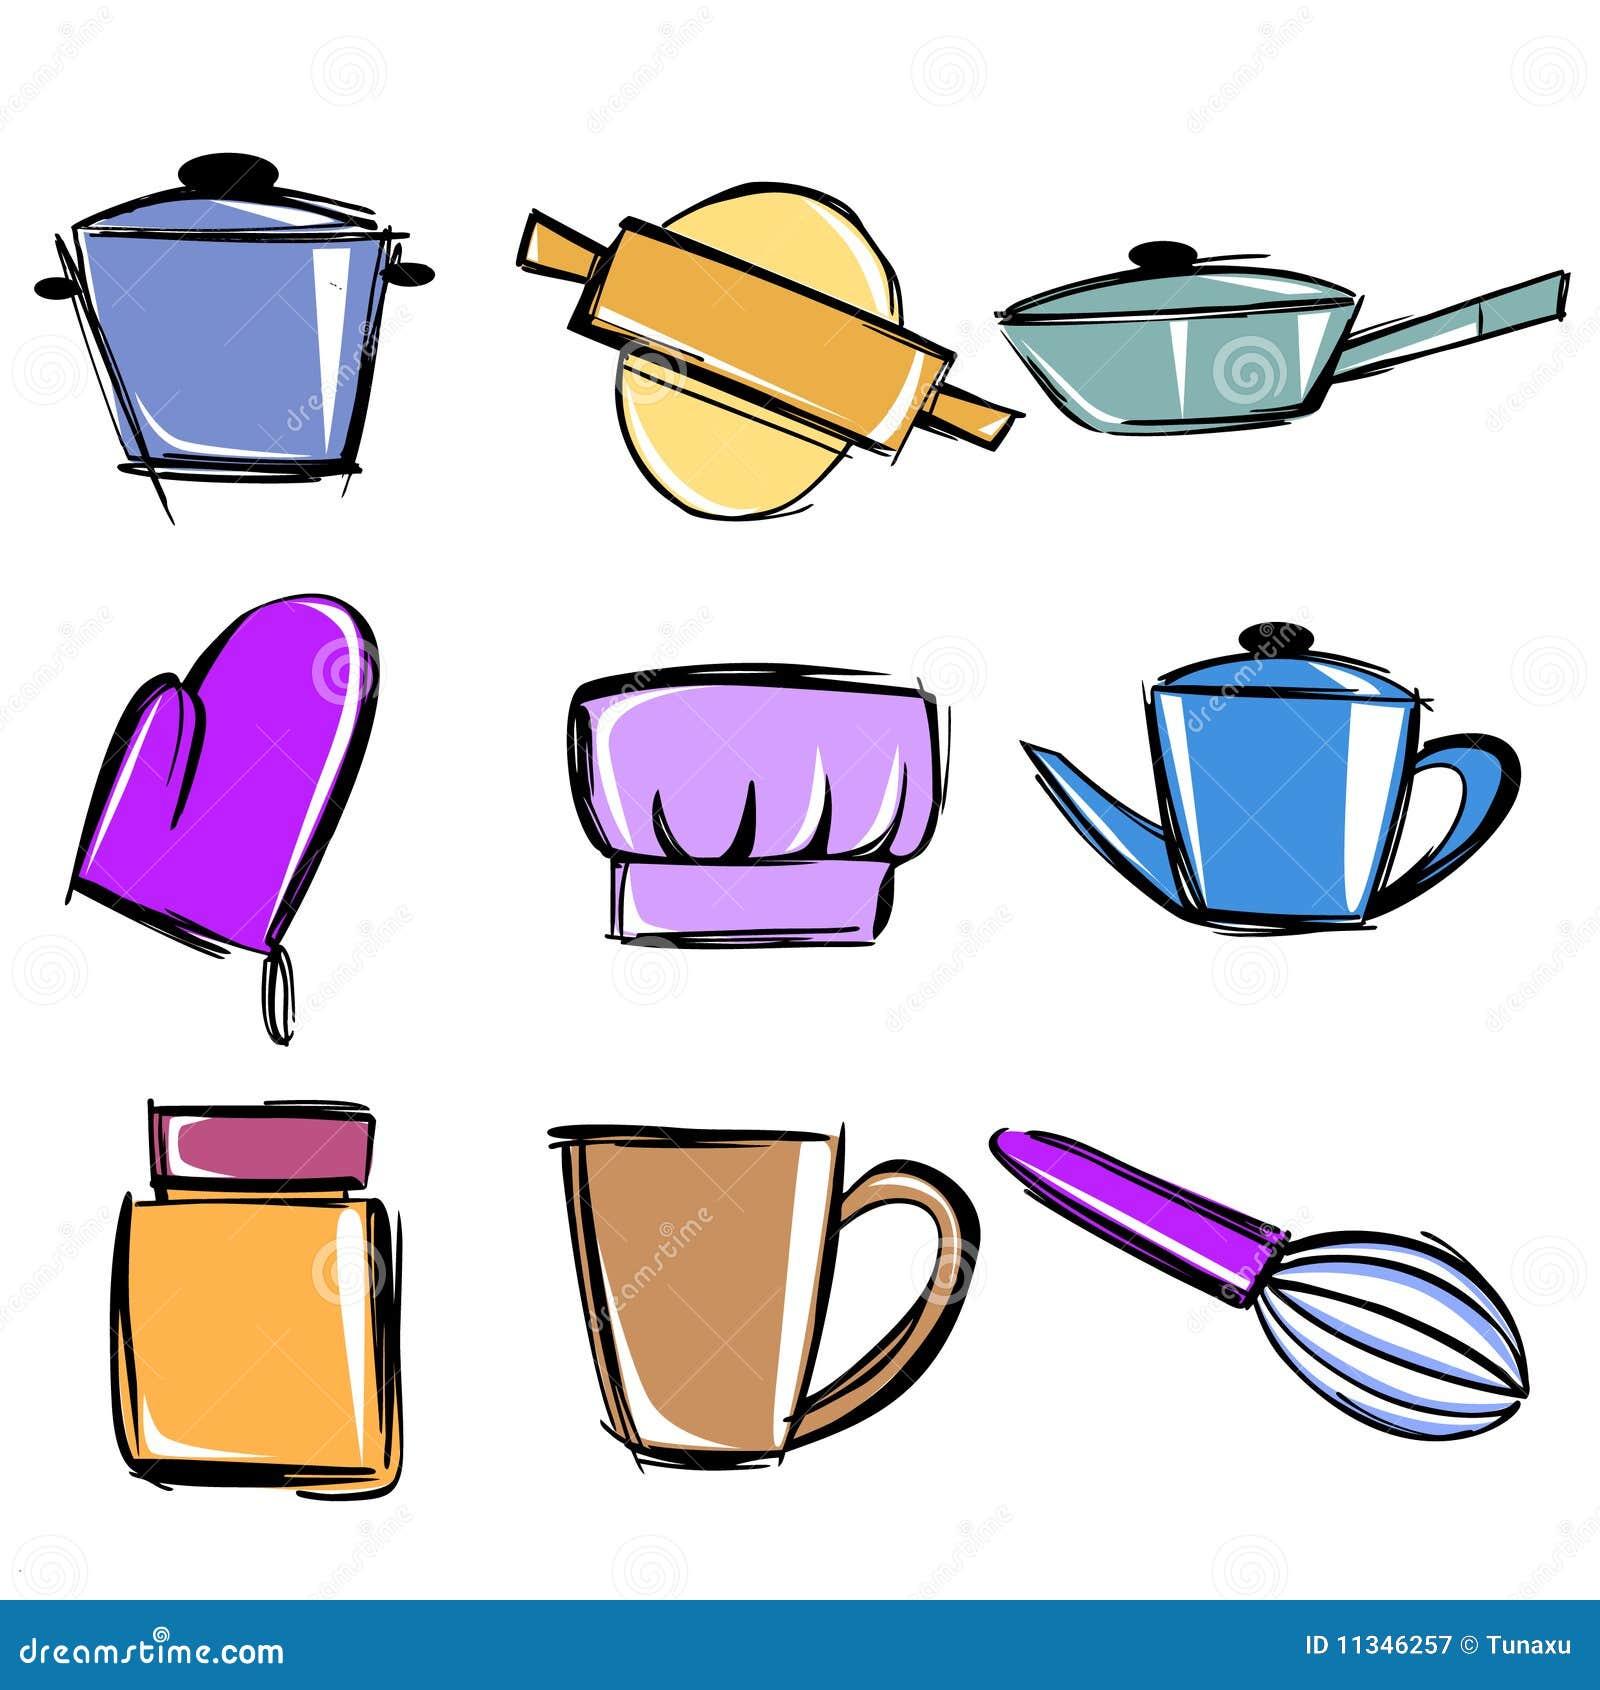 Utensilios de cocina ilustraci n del vector ilustraci n for Utensilios medidores cocina